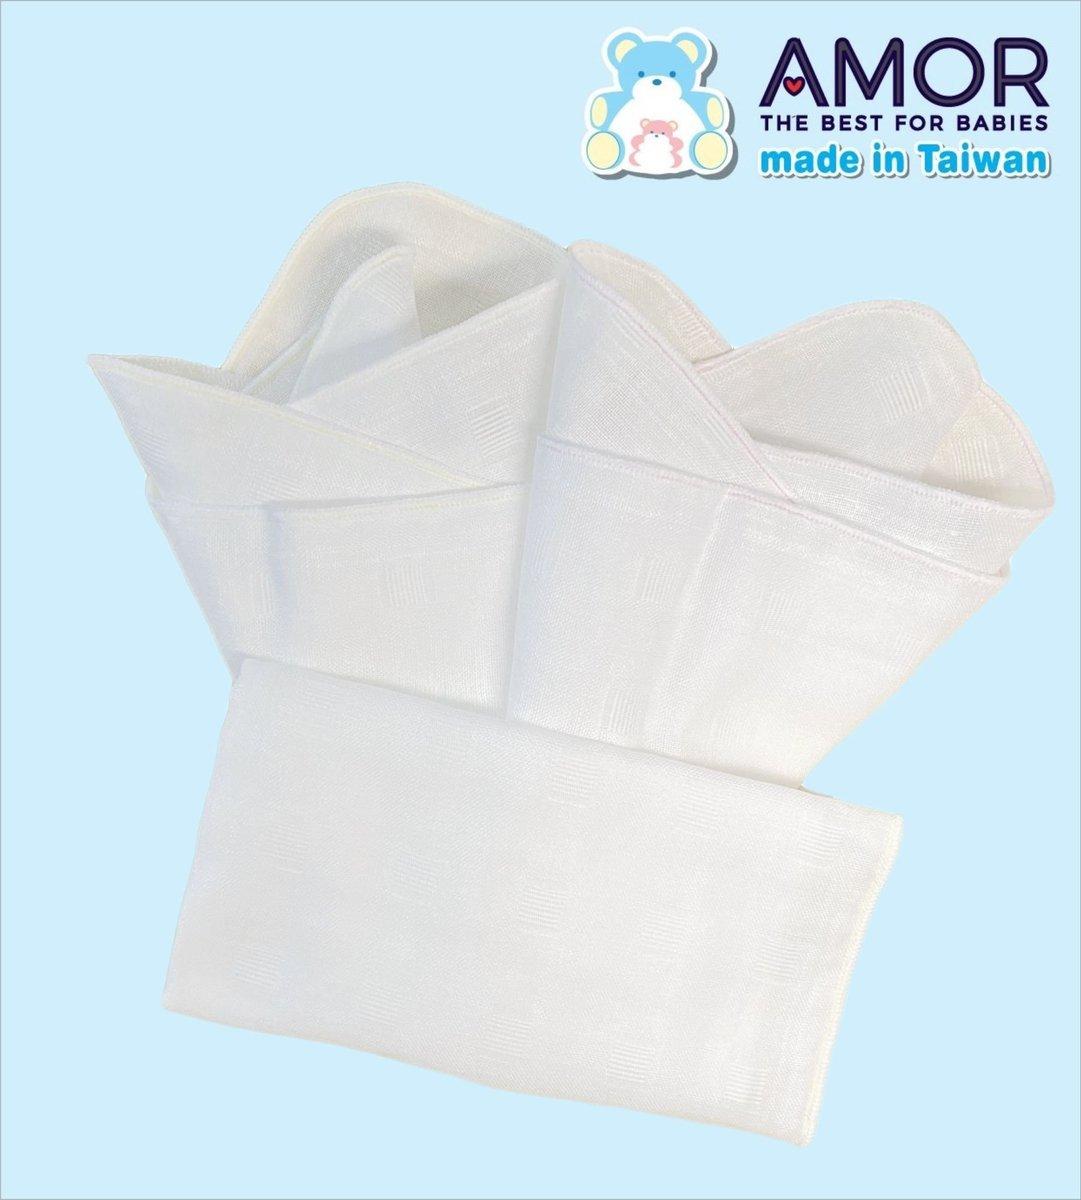 Combed Cotton MiT-Gauze handkerchief 30cm X 32cm - 6 pcs set *HOT*